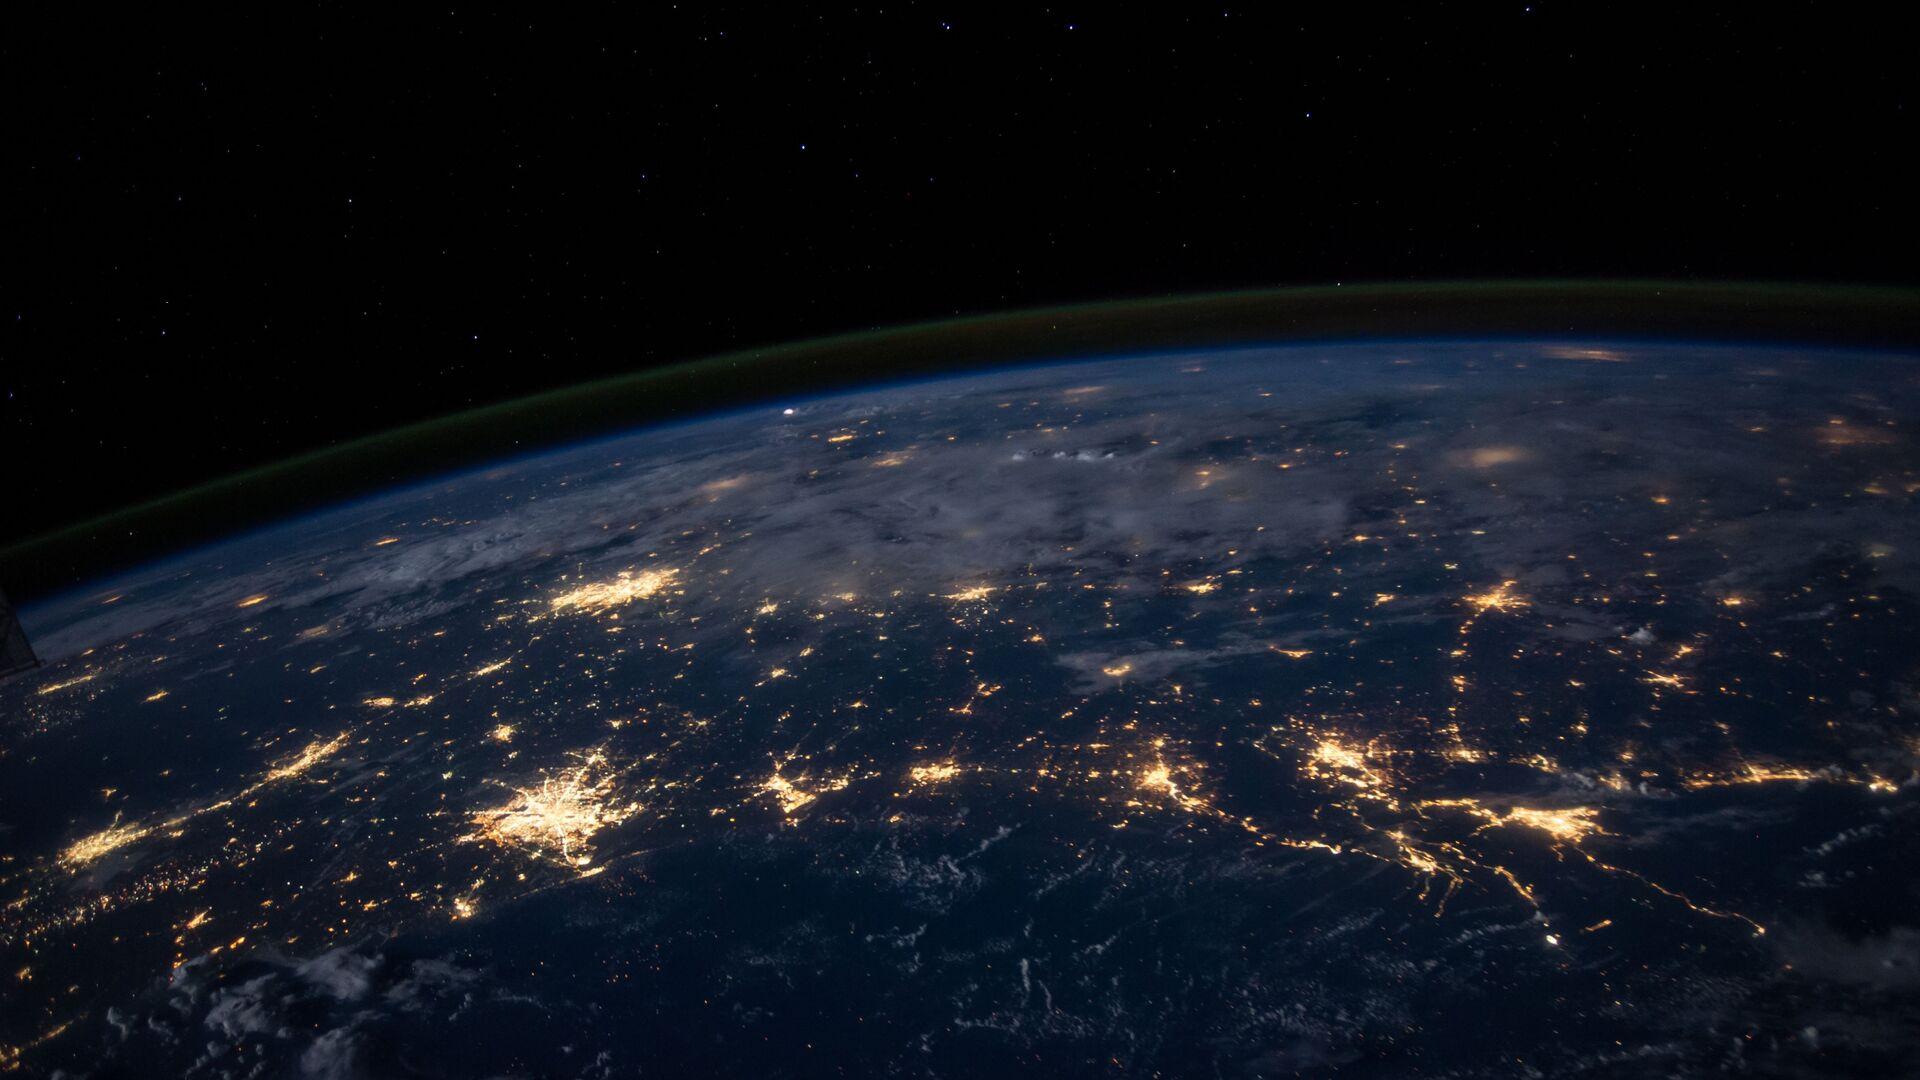 La Tierra vista desde el espacio (imagen referencial) - Sputnik Mundo, 1920, 12.04.2021